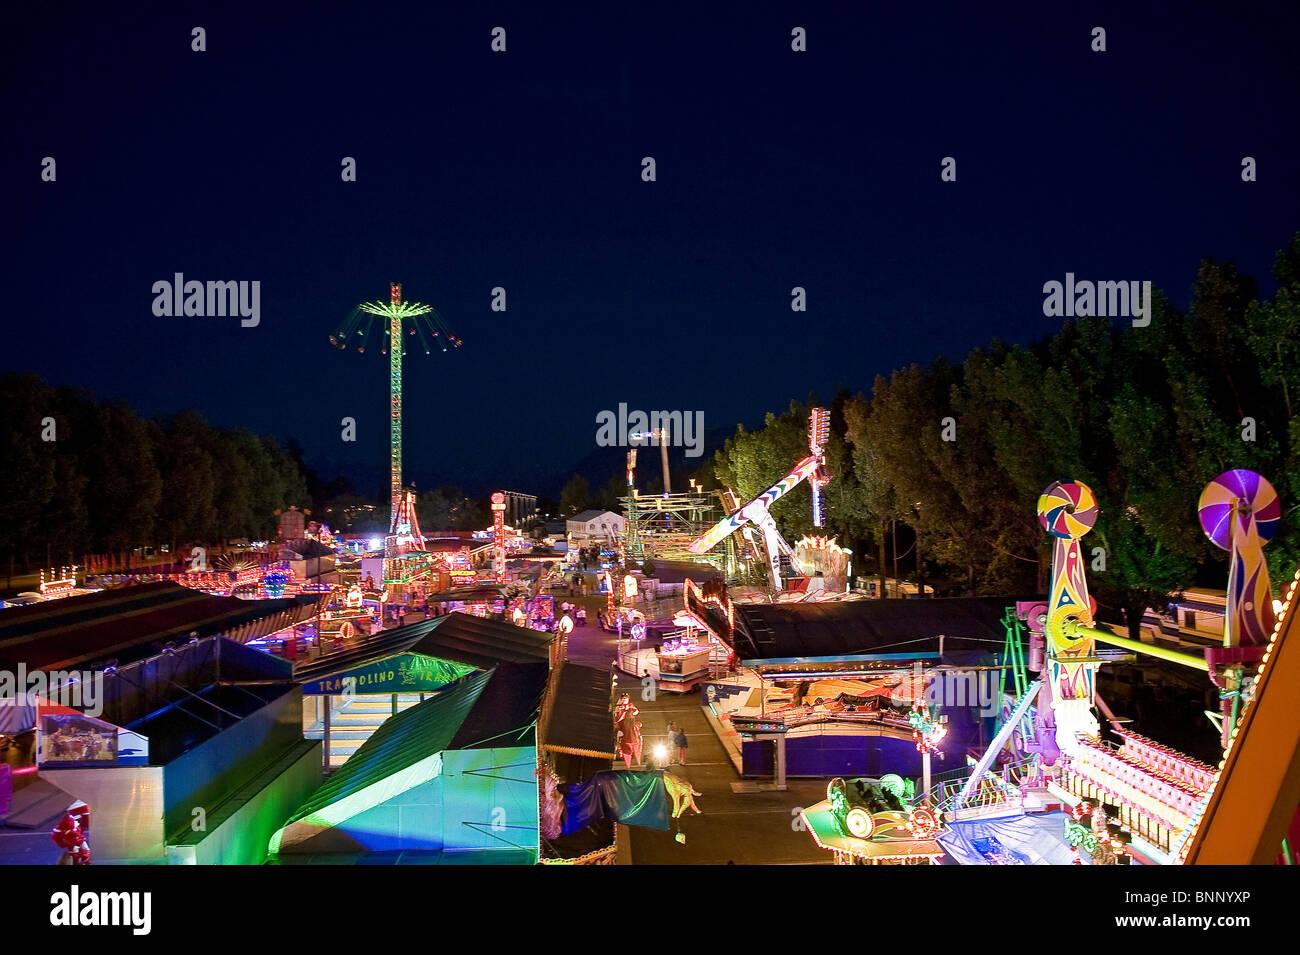 Luna park amusement park carousel attraction fairground colour ...